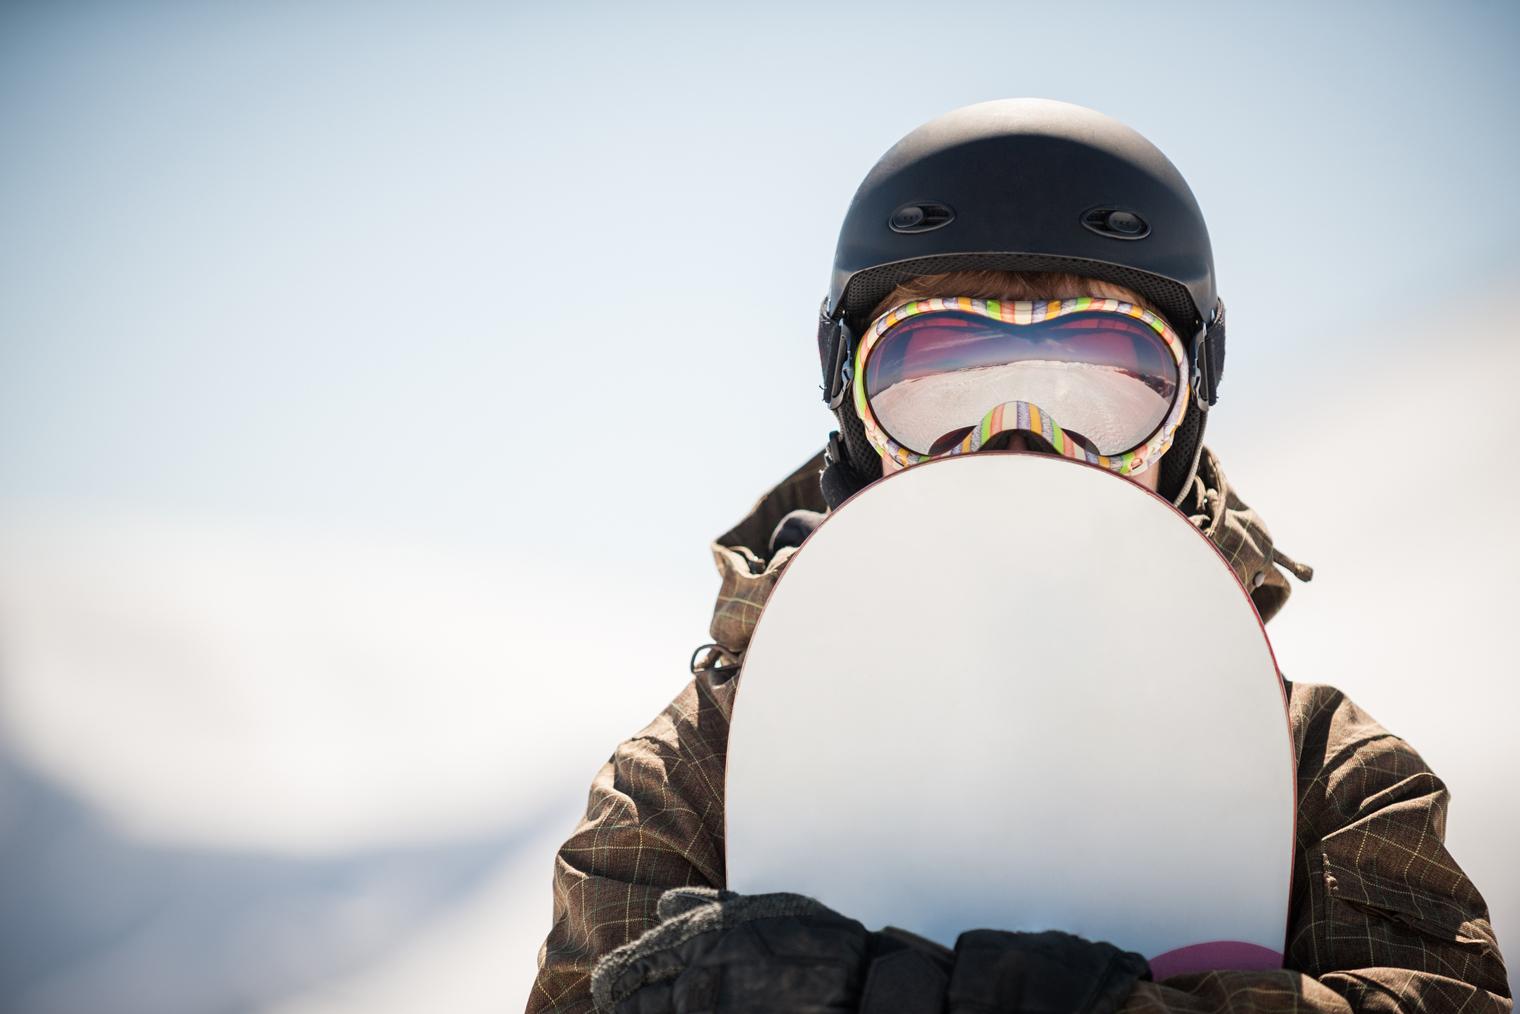 Snowboard : 5 conseils d'une physiothérapeute